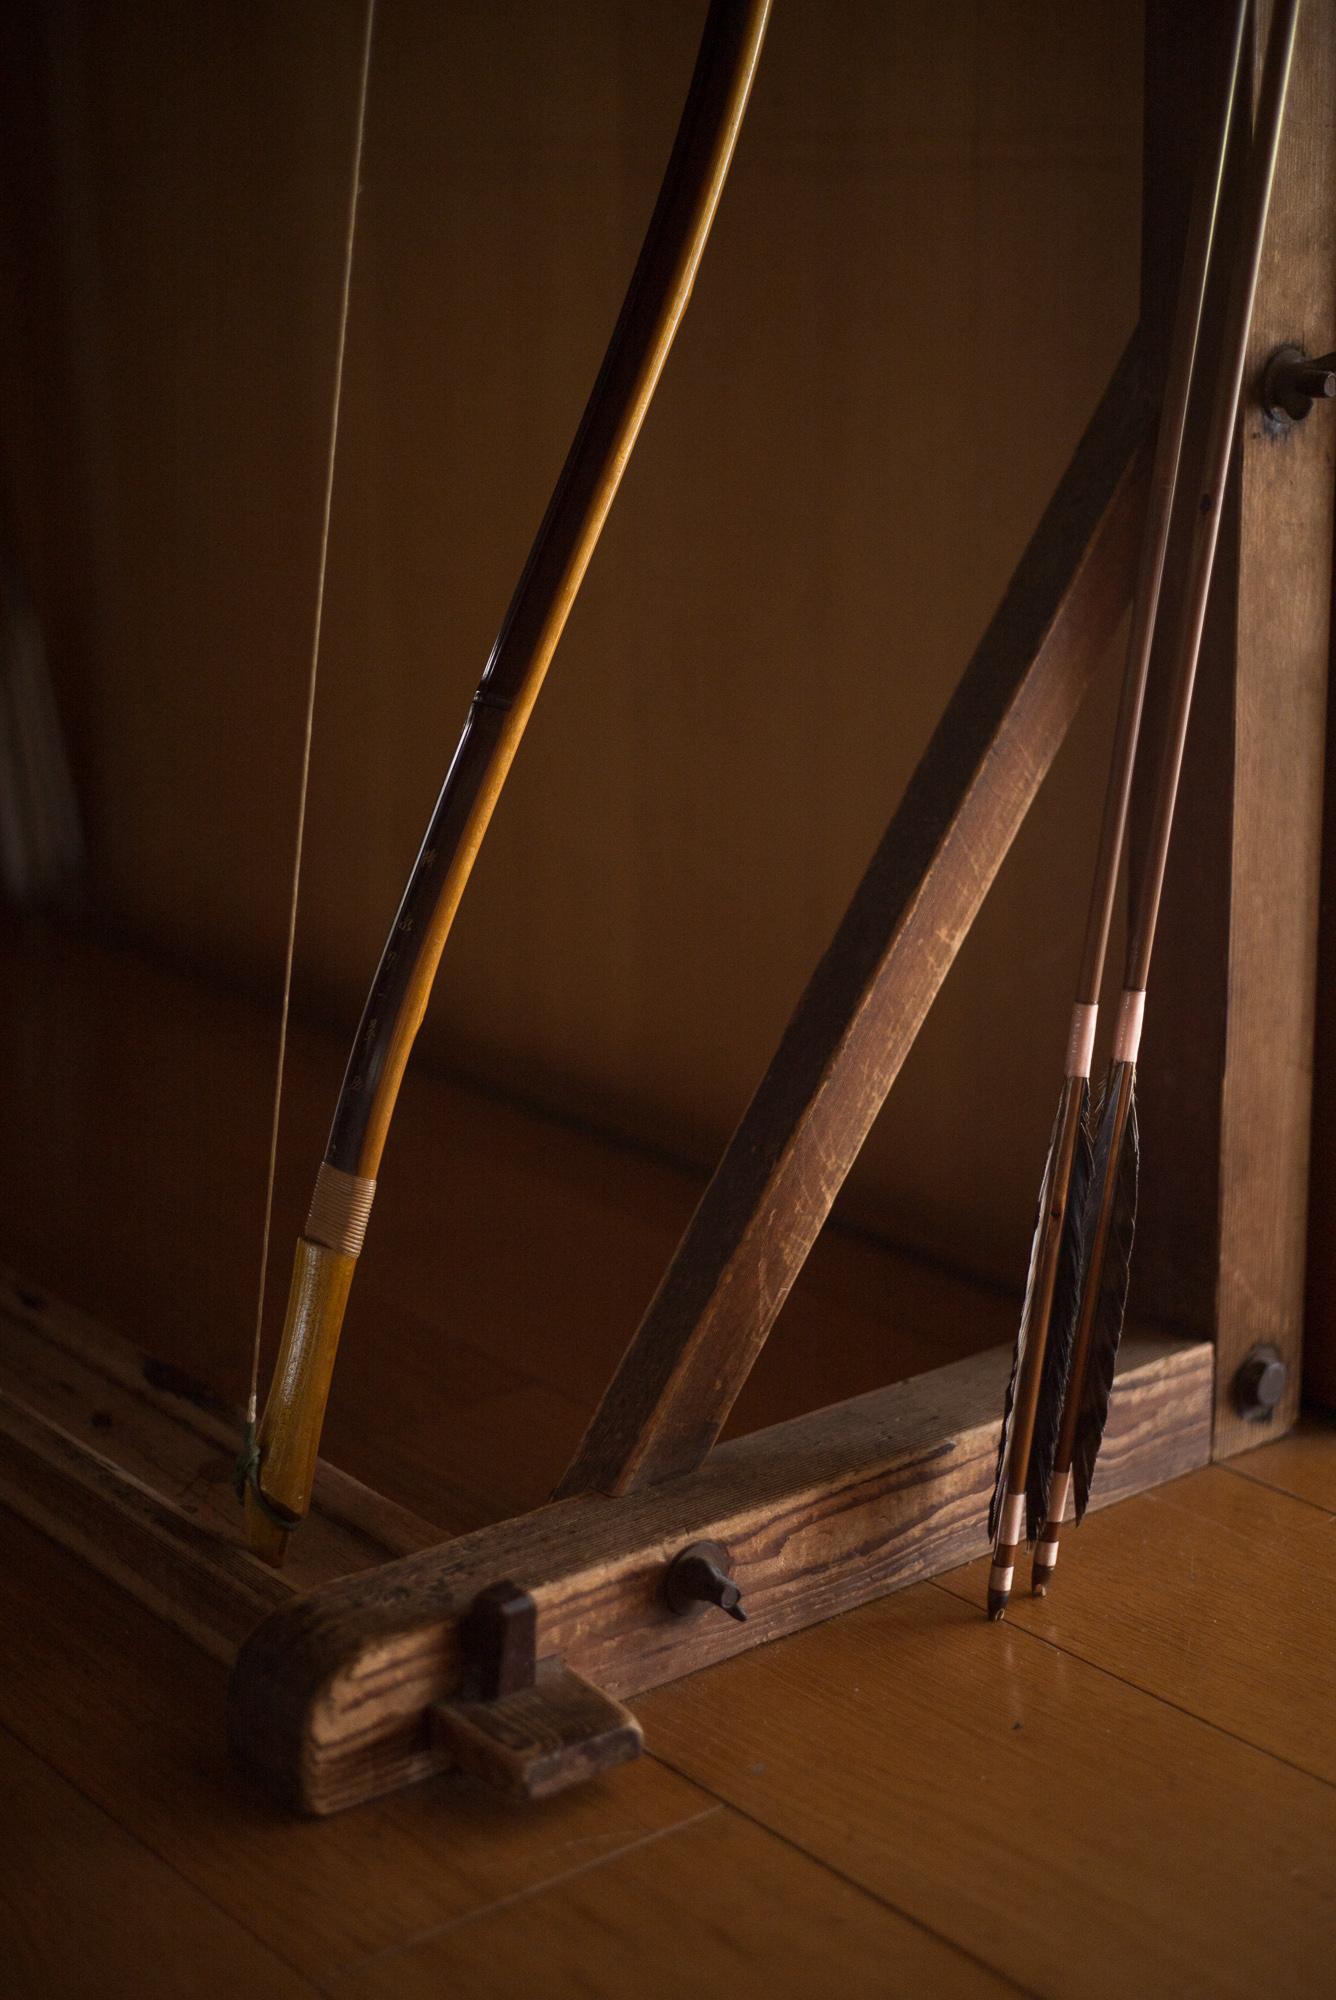 Zen in the Art of Archery © Adam Marelli-22.jpg